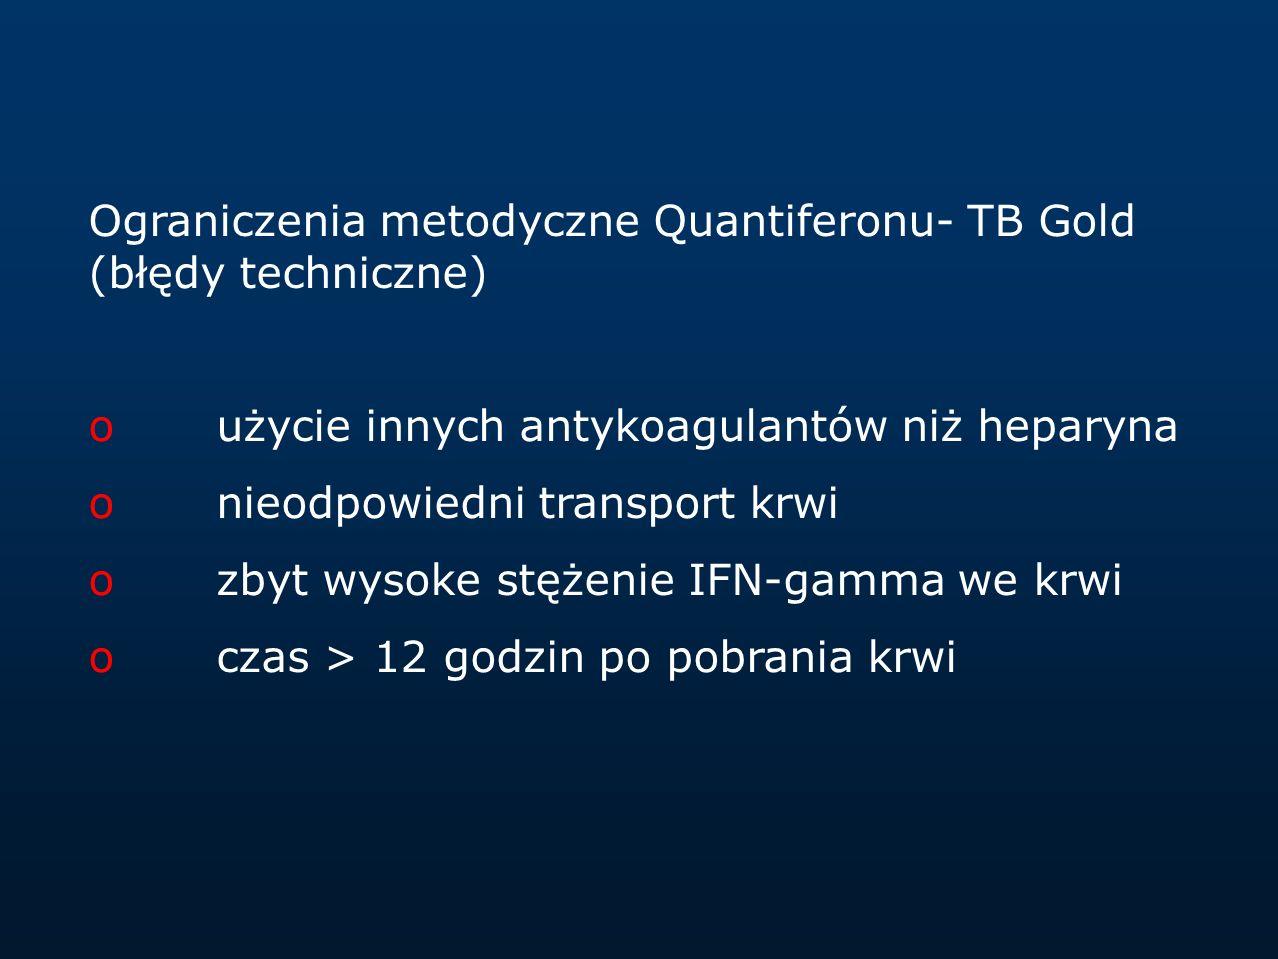 Ograniczenia metodyczne Quantiferonu- TB Gold (błędy techniczne) oużycie innych antykoagulantów niż heparyna onieodpowiedni transport krwi ozbyt wysok